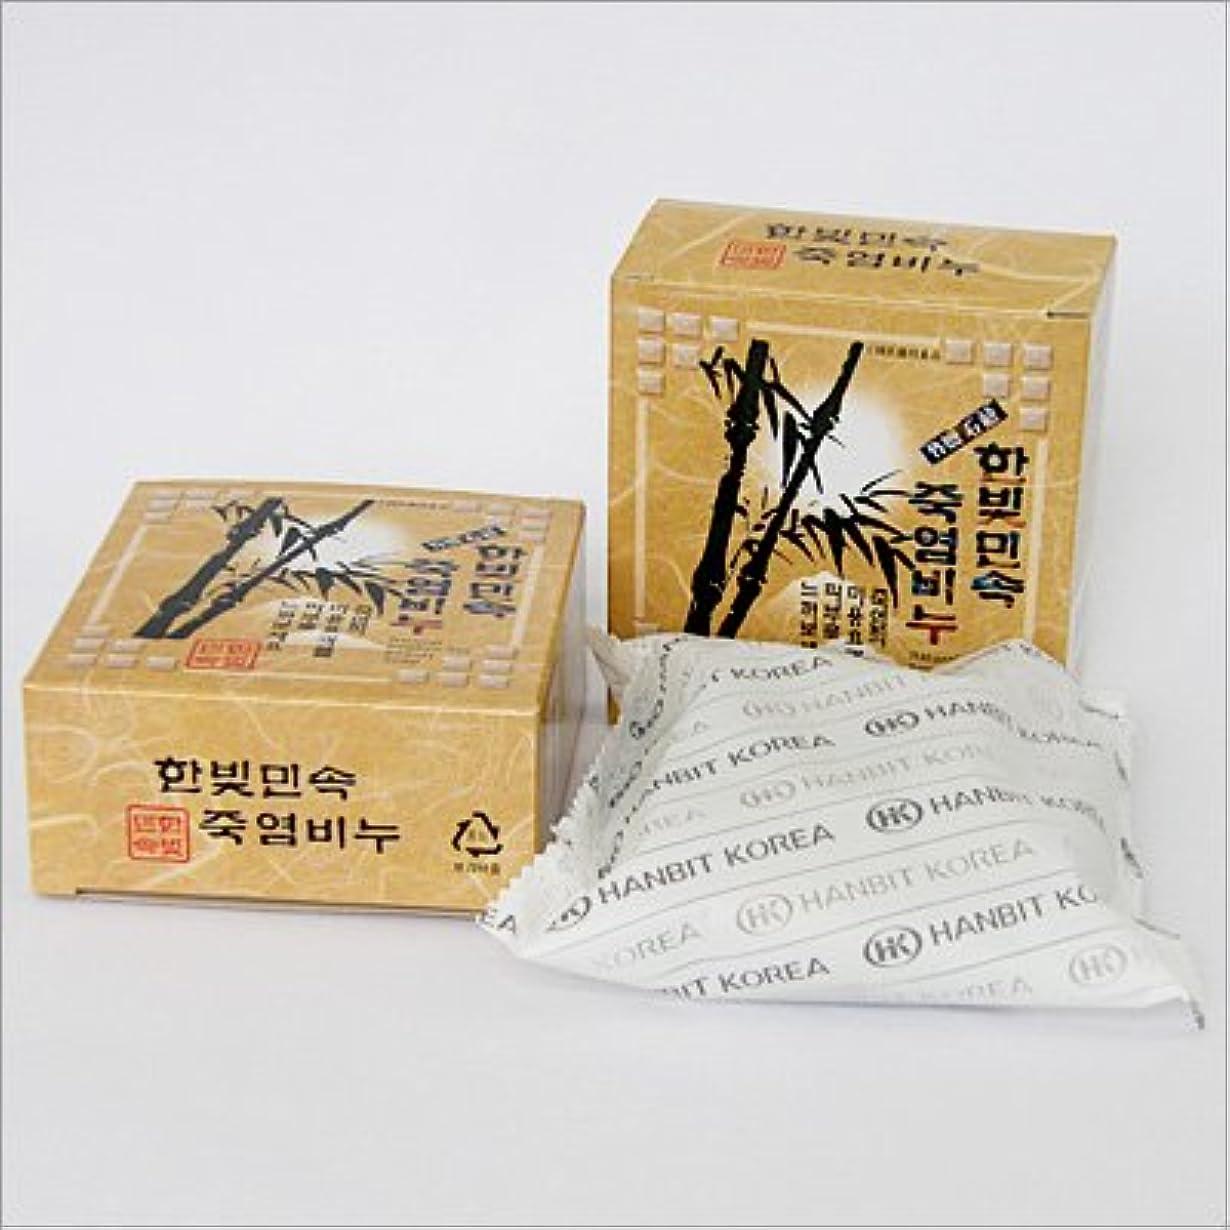 デジタル炎上かき混ぜる(韓国ブランド) 韓国直輸入』竹塩石鹸(3個×5セット)